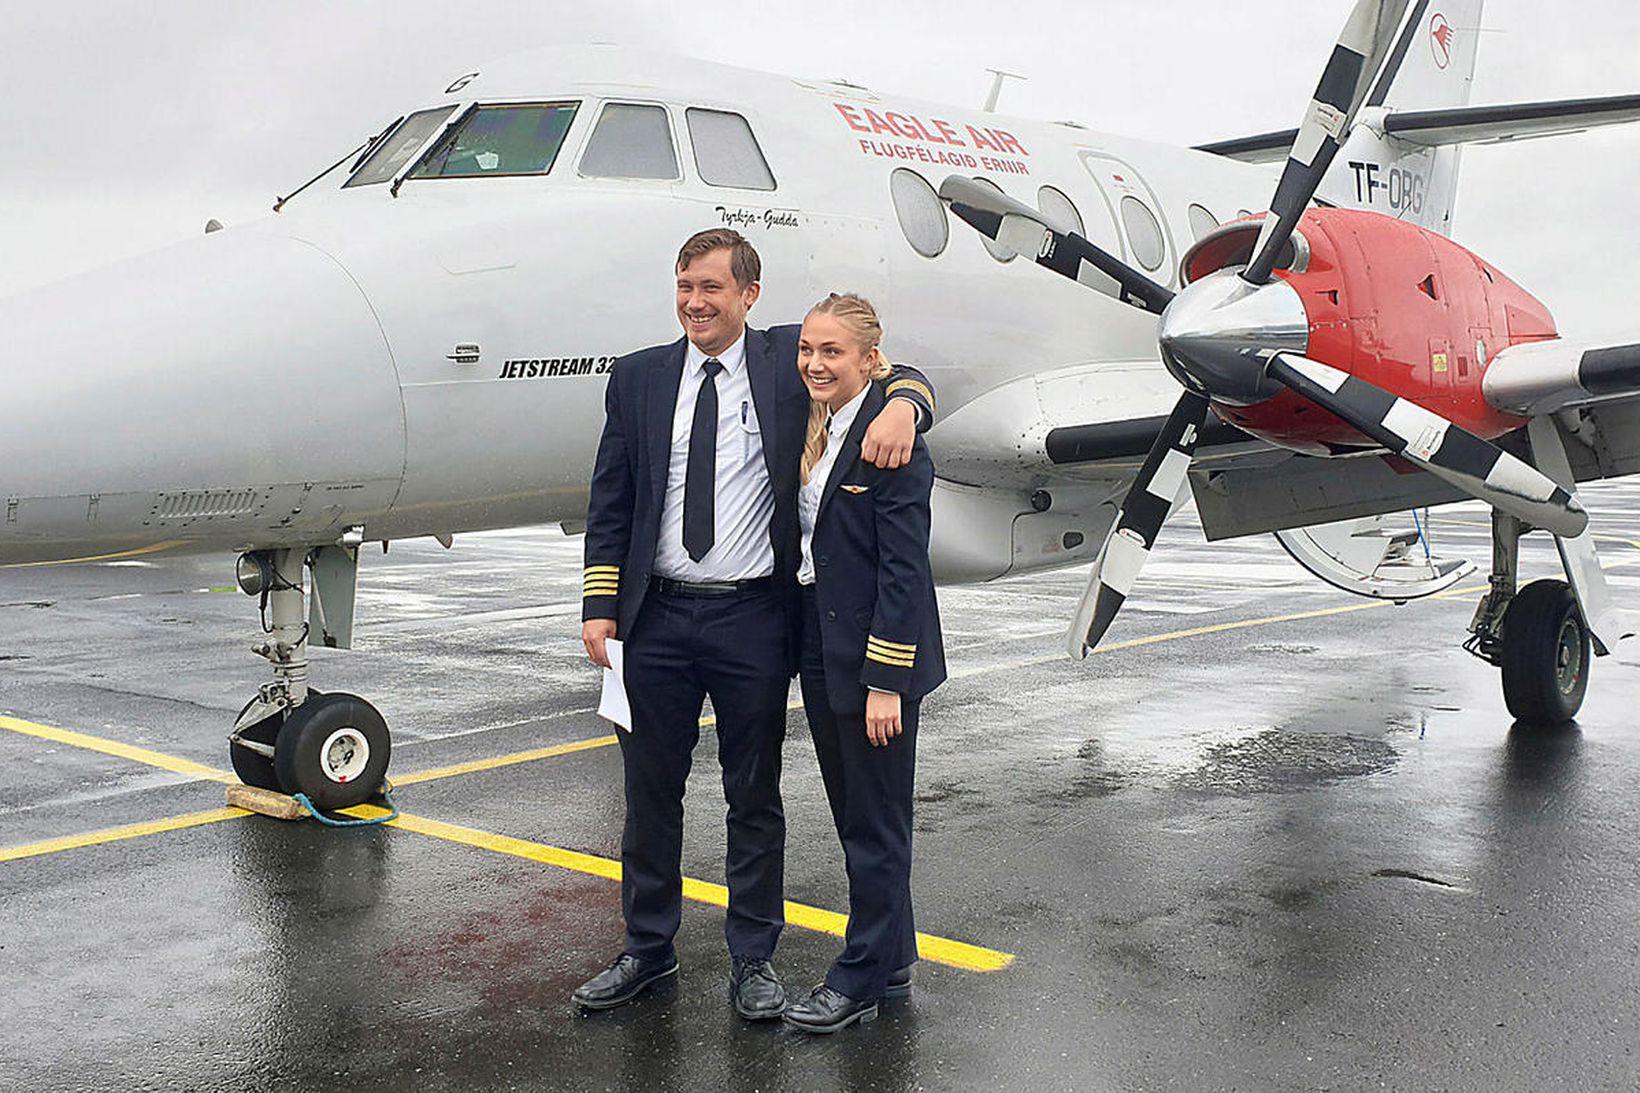 Sigurður Egill Sigurðsson flugstjóri og Birna Borg Gunnarsdóttir flugmaður við …